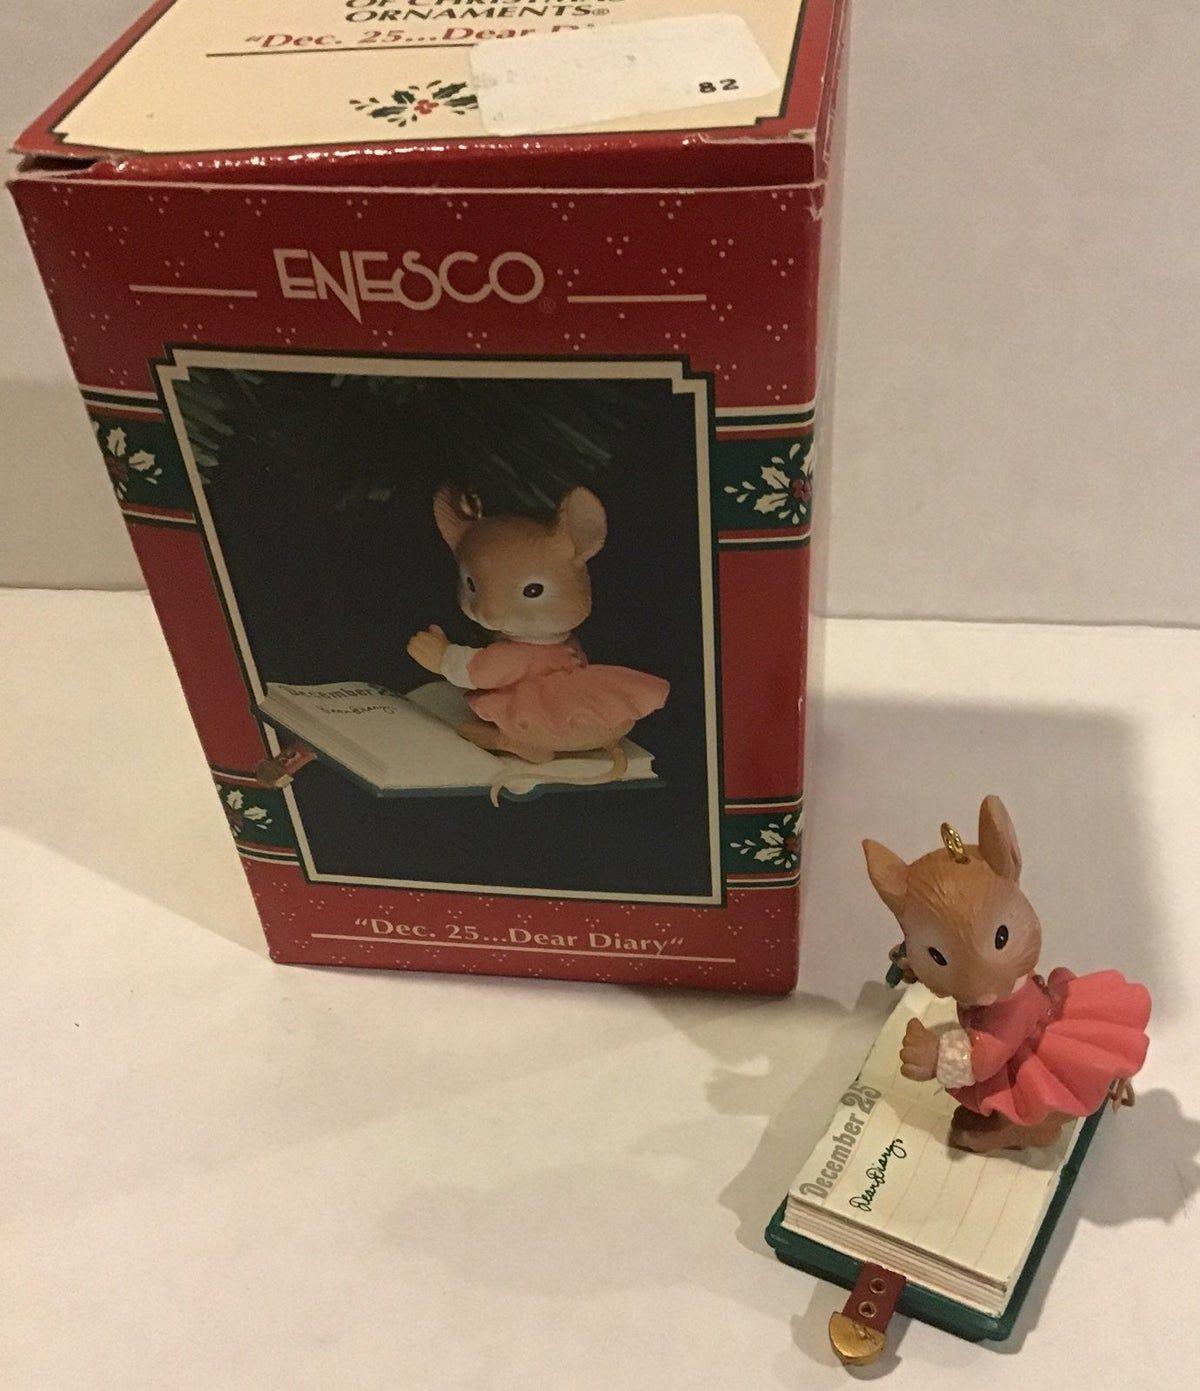 Enesco. Ornament Dec 25...Dear Diary